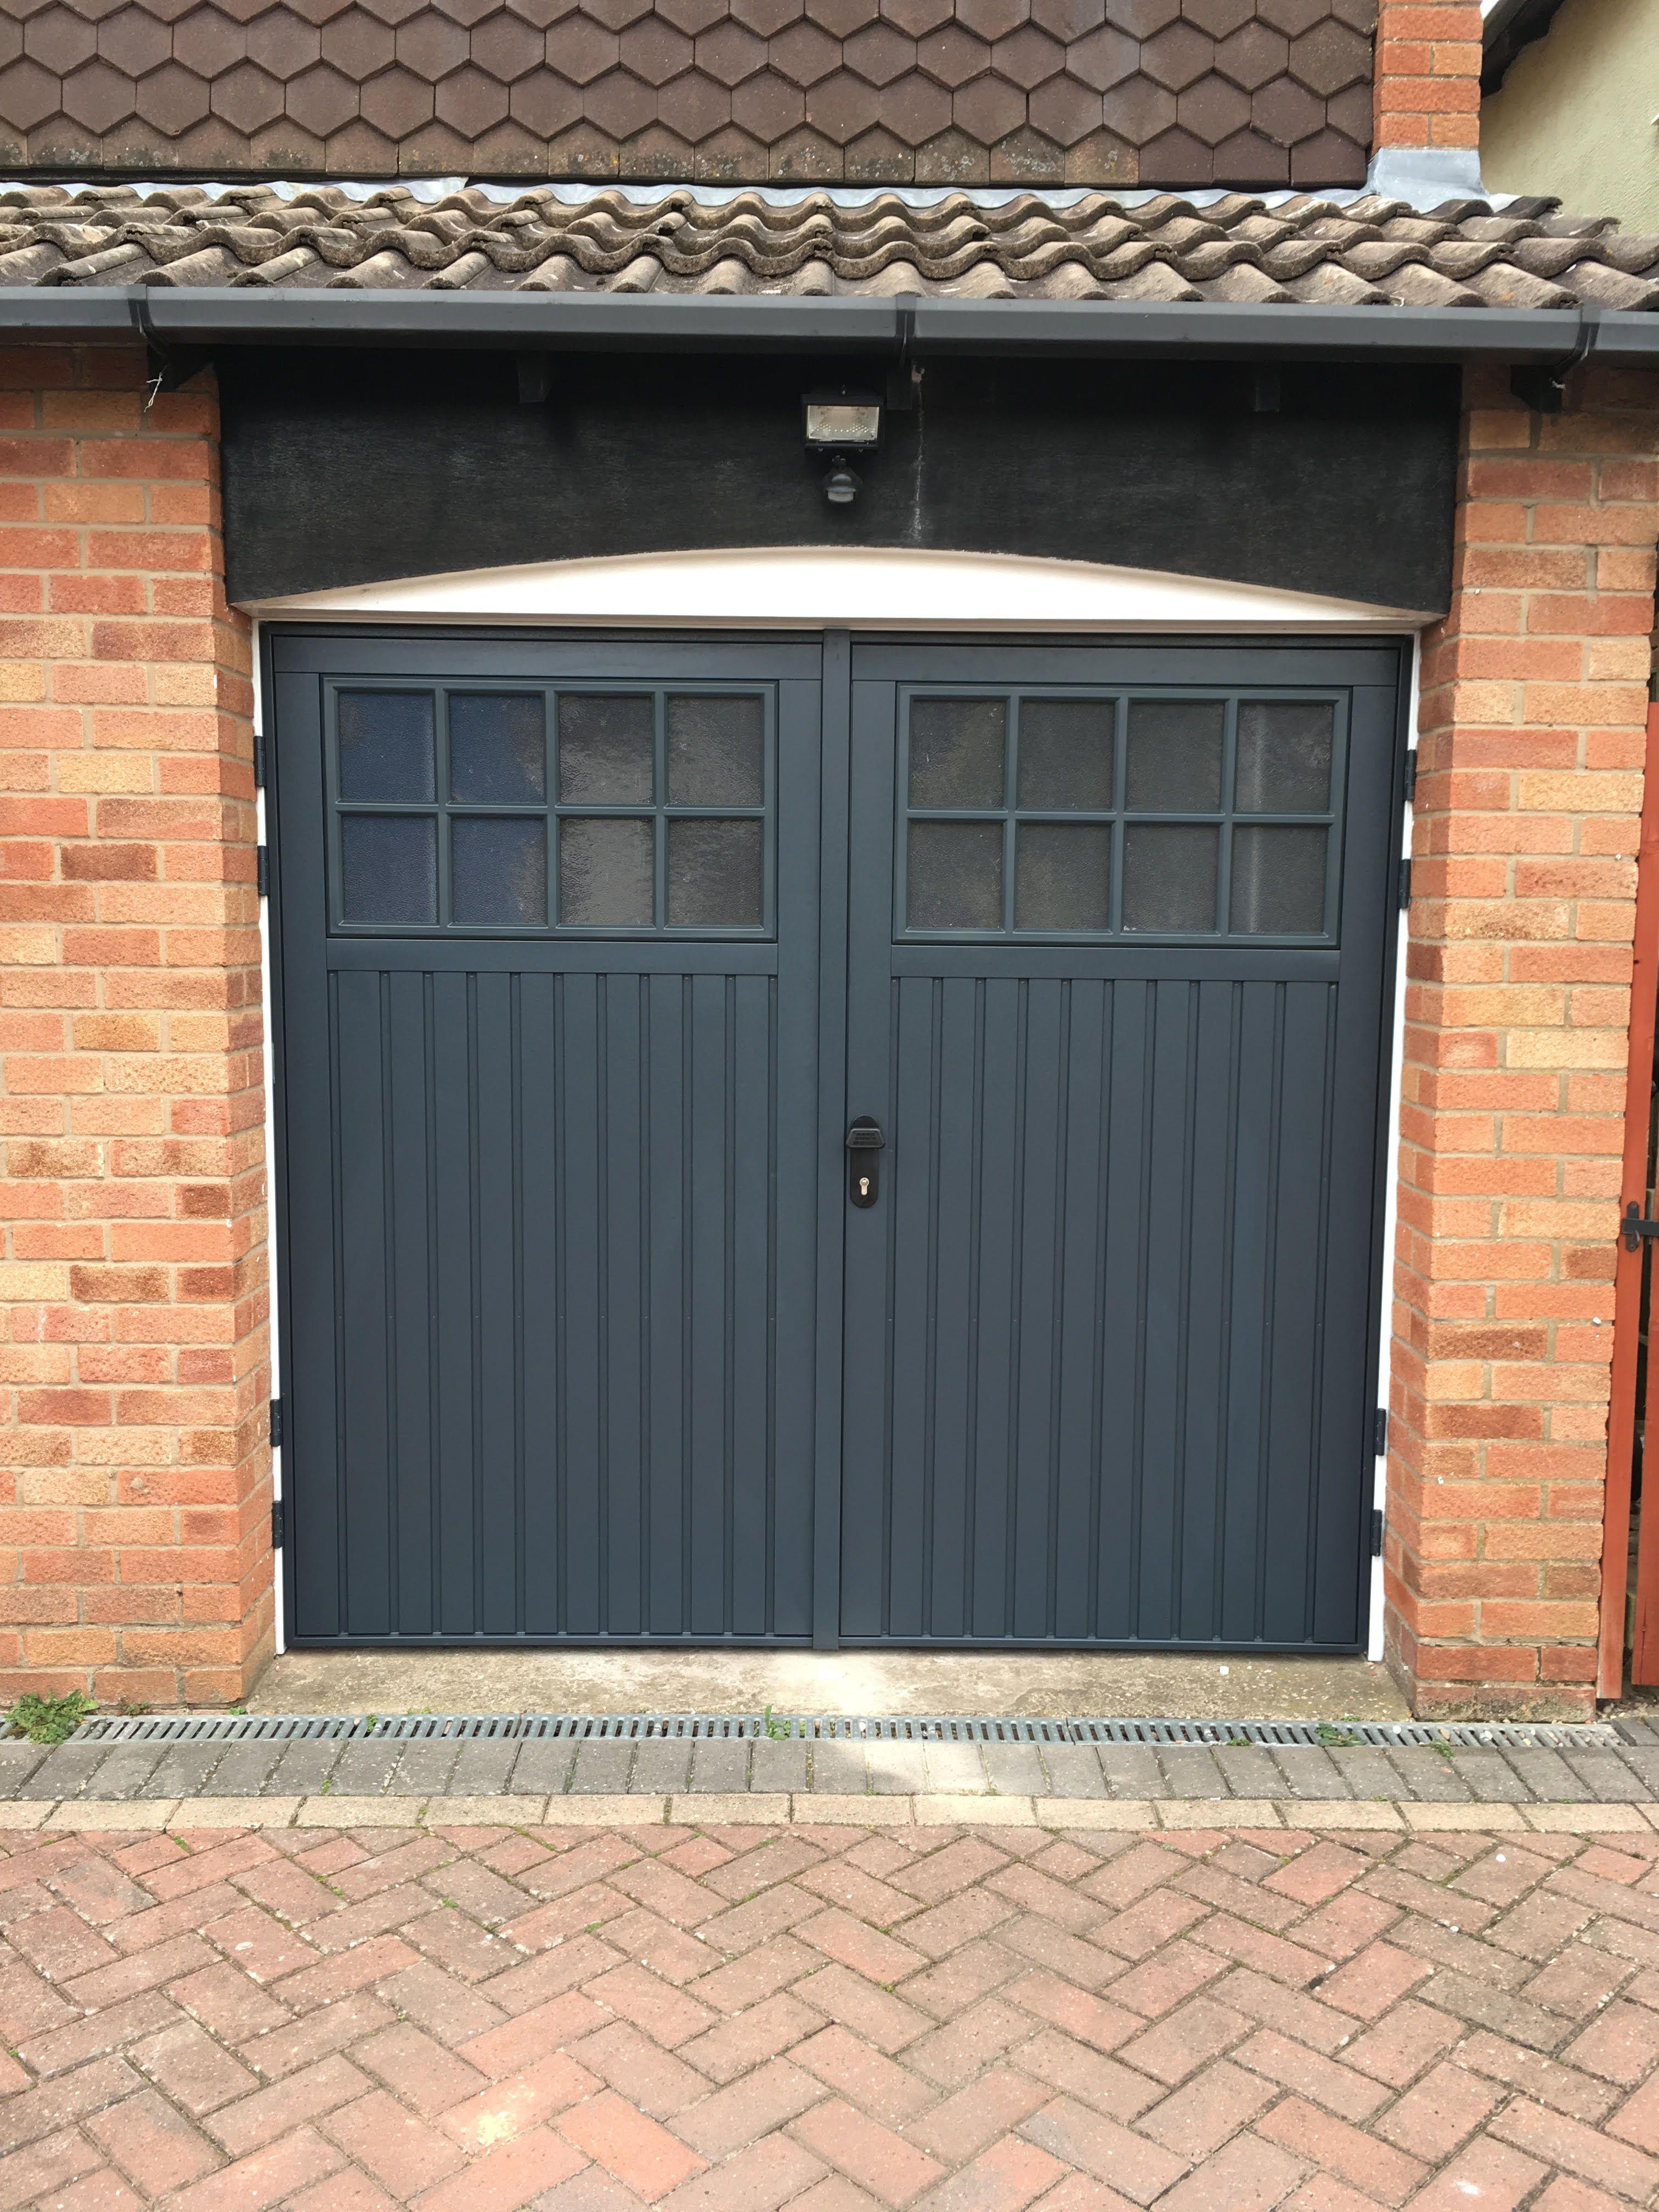 Cardale Bedford Side Hinged Garage Doors in Anthracite Grey More & Cardale Bedford Side Hinged Garage Doors in Anthracite Grey ... Pezcame.Com